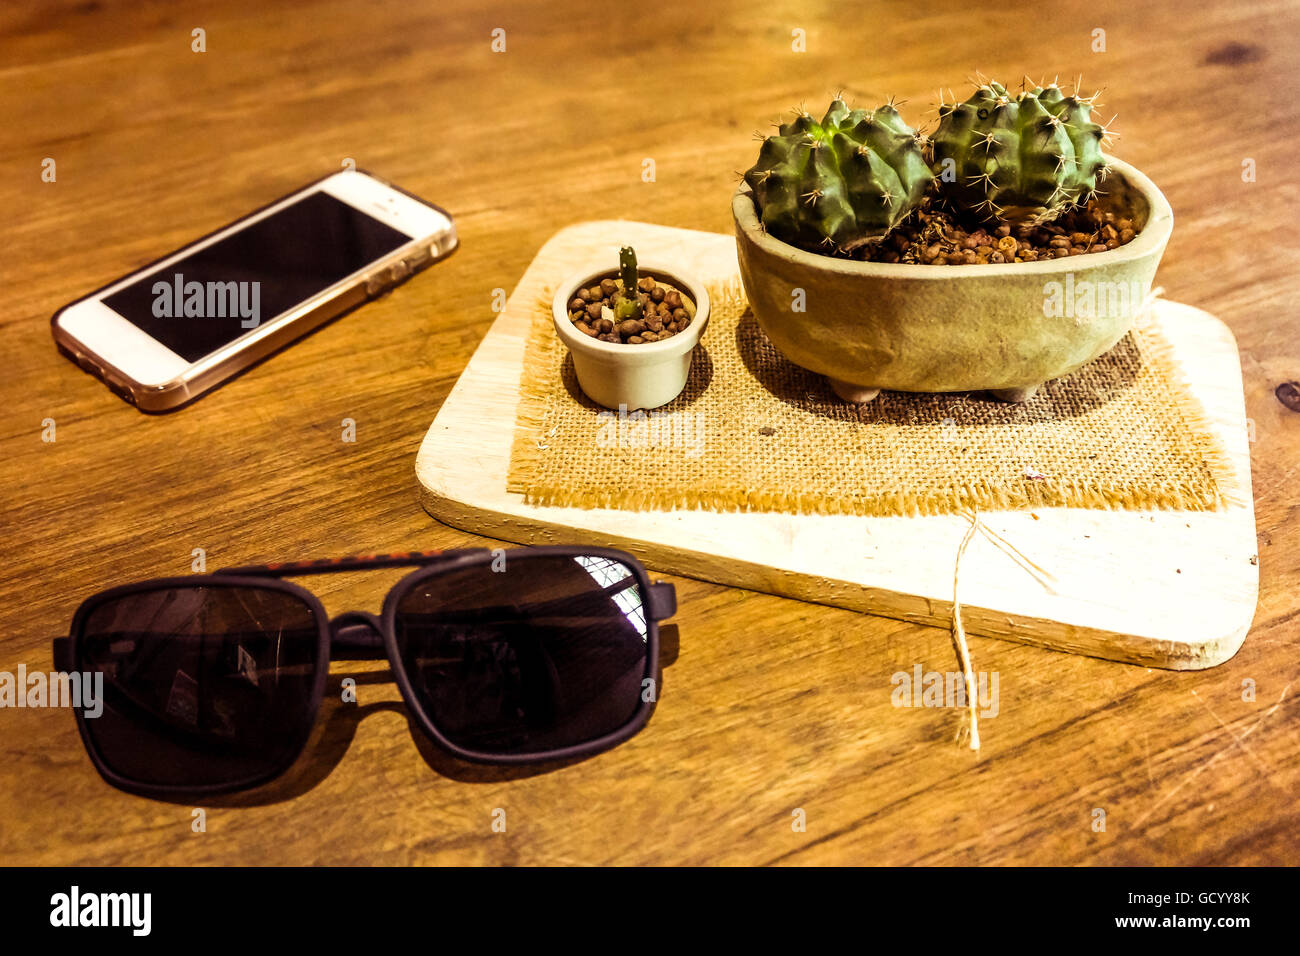 Cactus Wooden Immagini Cactus Wooden Fotos Stock Alamy